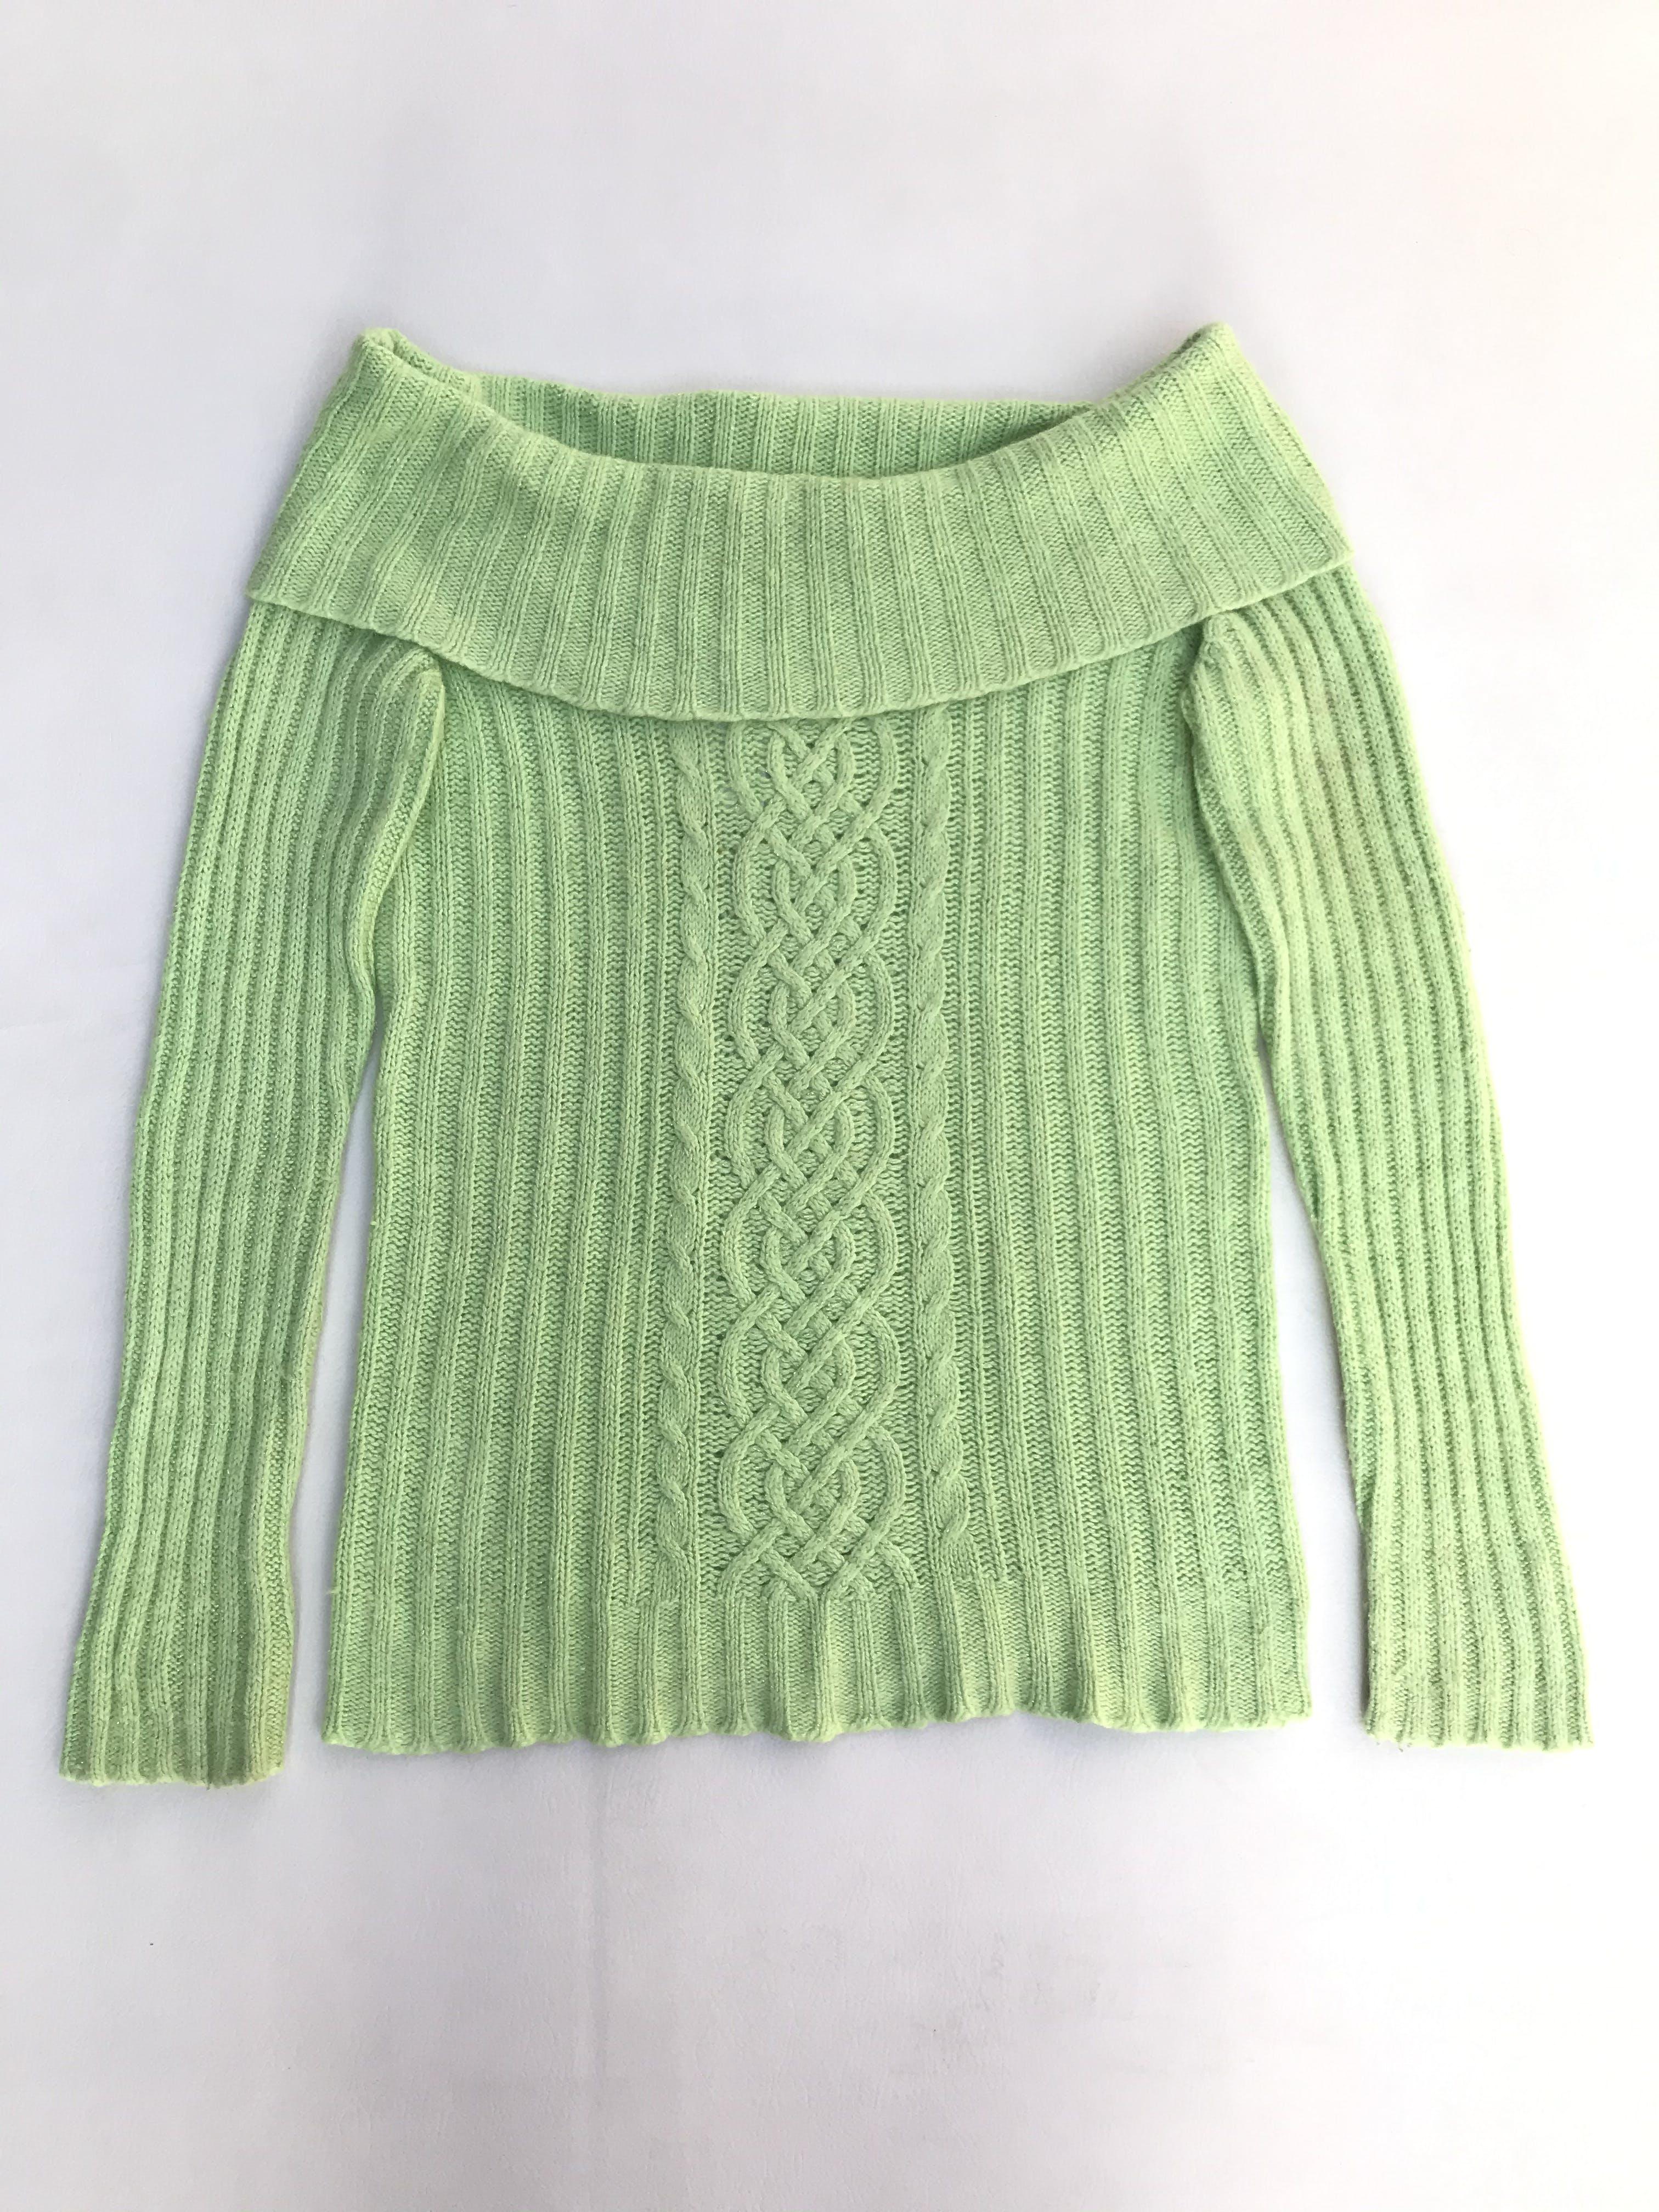 Chompa verde con hilos satinados, cuello bote, textura acanalada y trenzada. Composición ramie, nylon, angora.